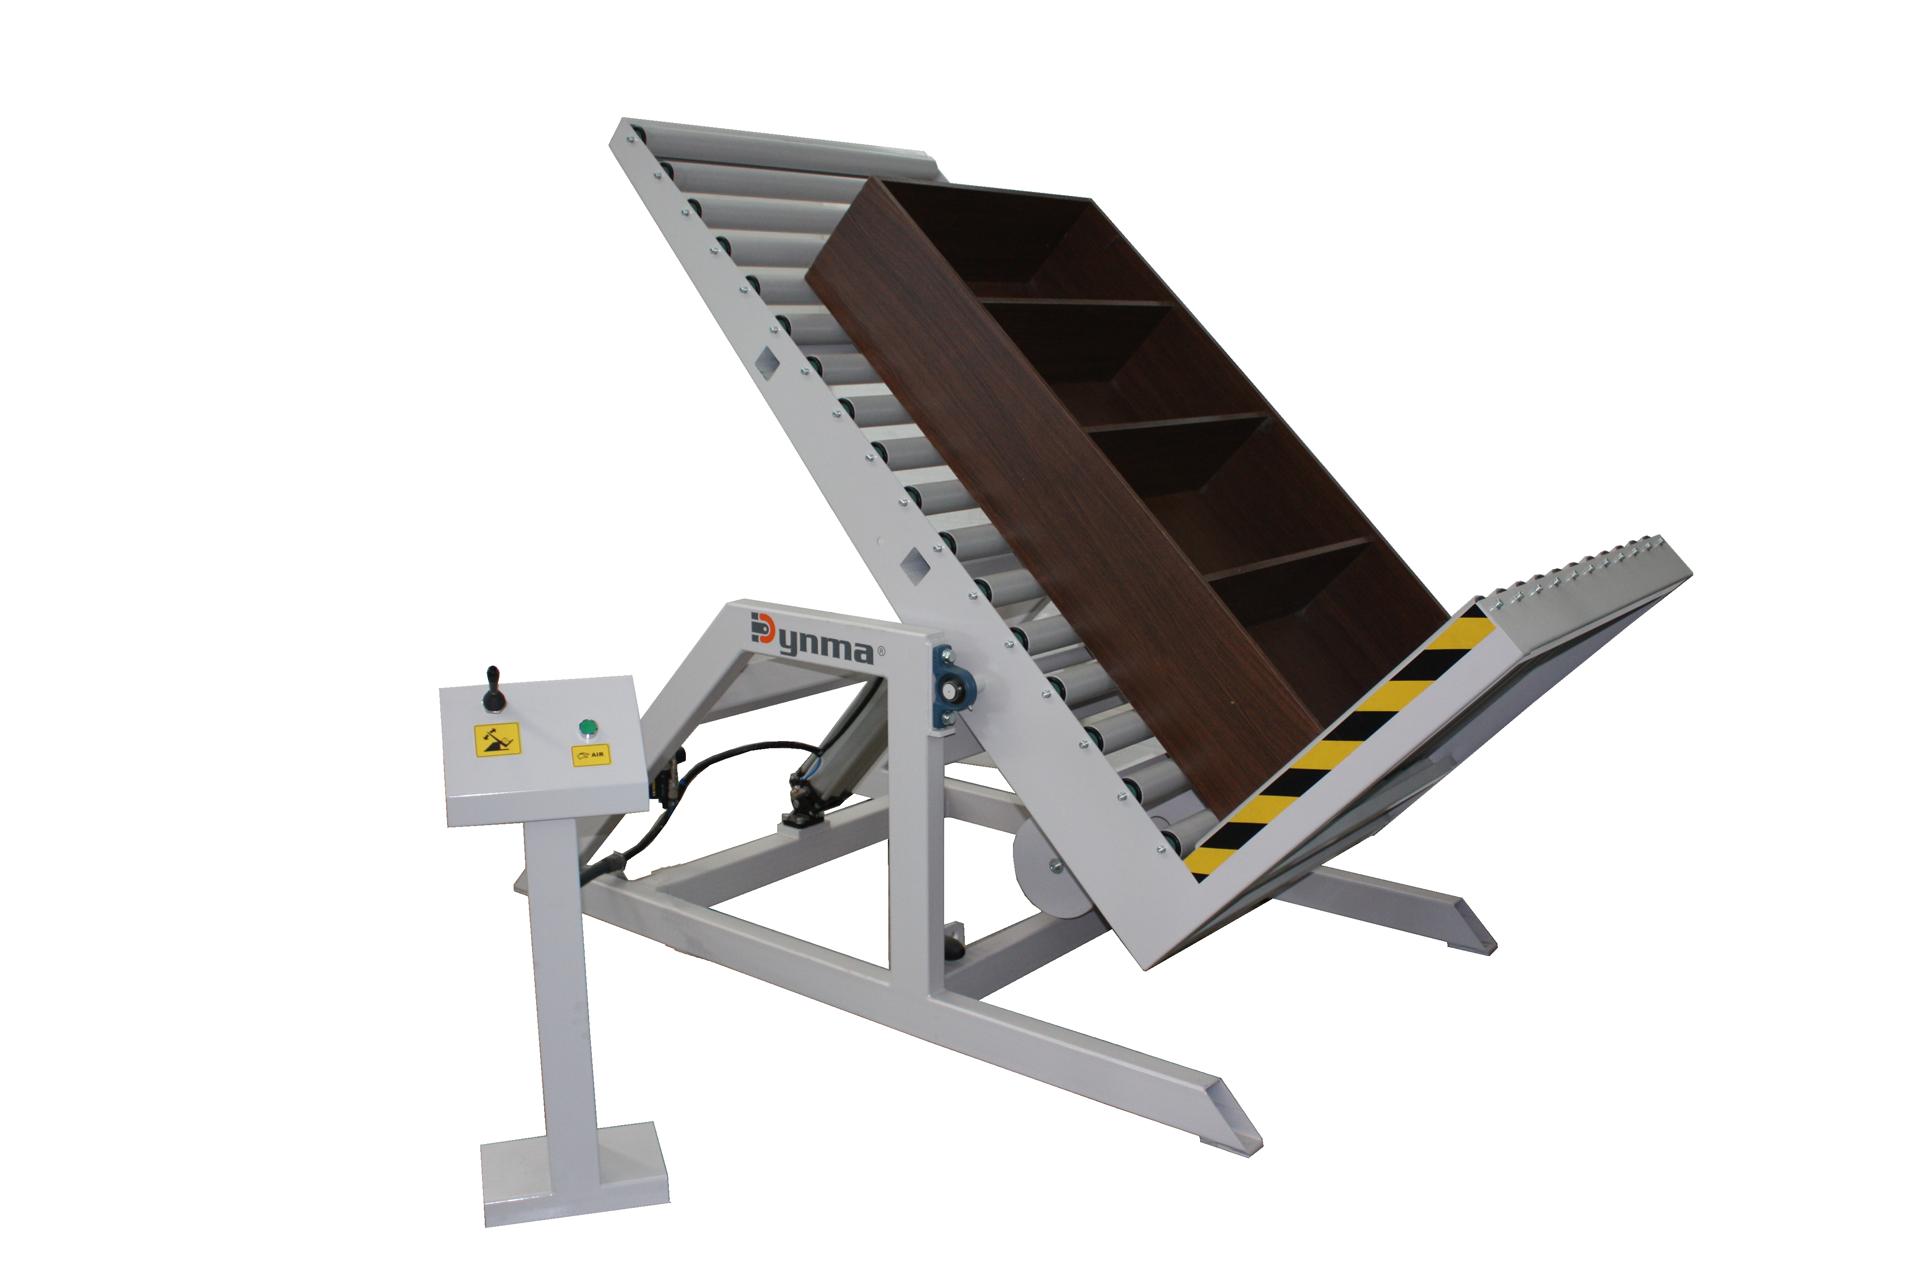 VR - Gravity roller tumbler